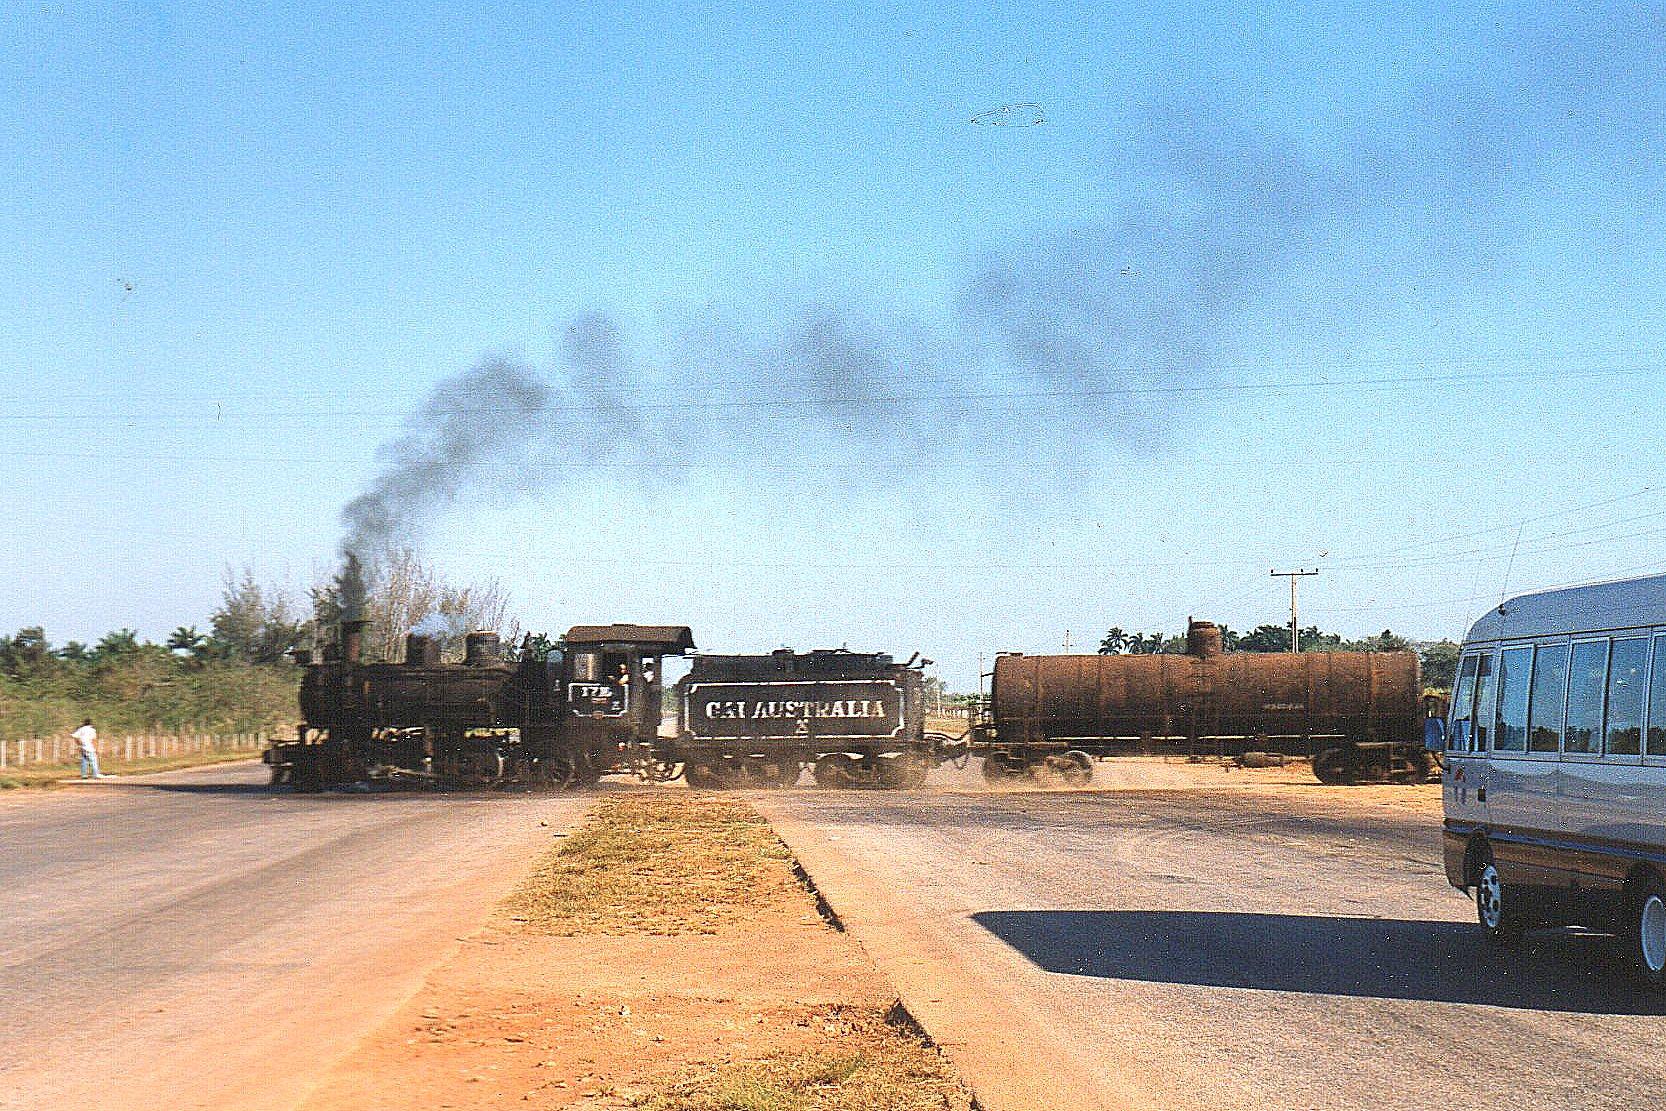 1600 ton sukkerrør og gammelt jern drøner over en firesporet motorvej vest for Central 303 Australia. Bussen er vores. Ellers var der ikke andre kørende på vejen.